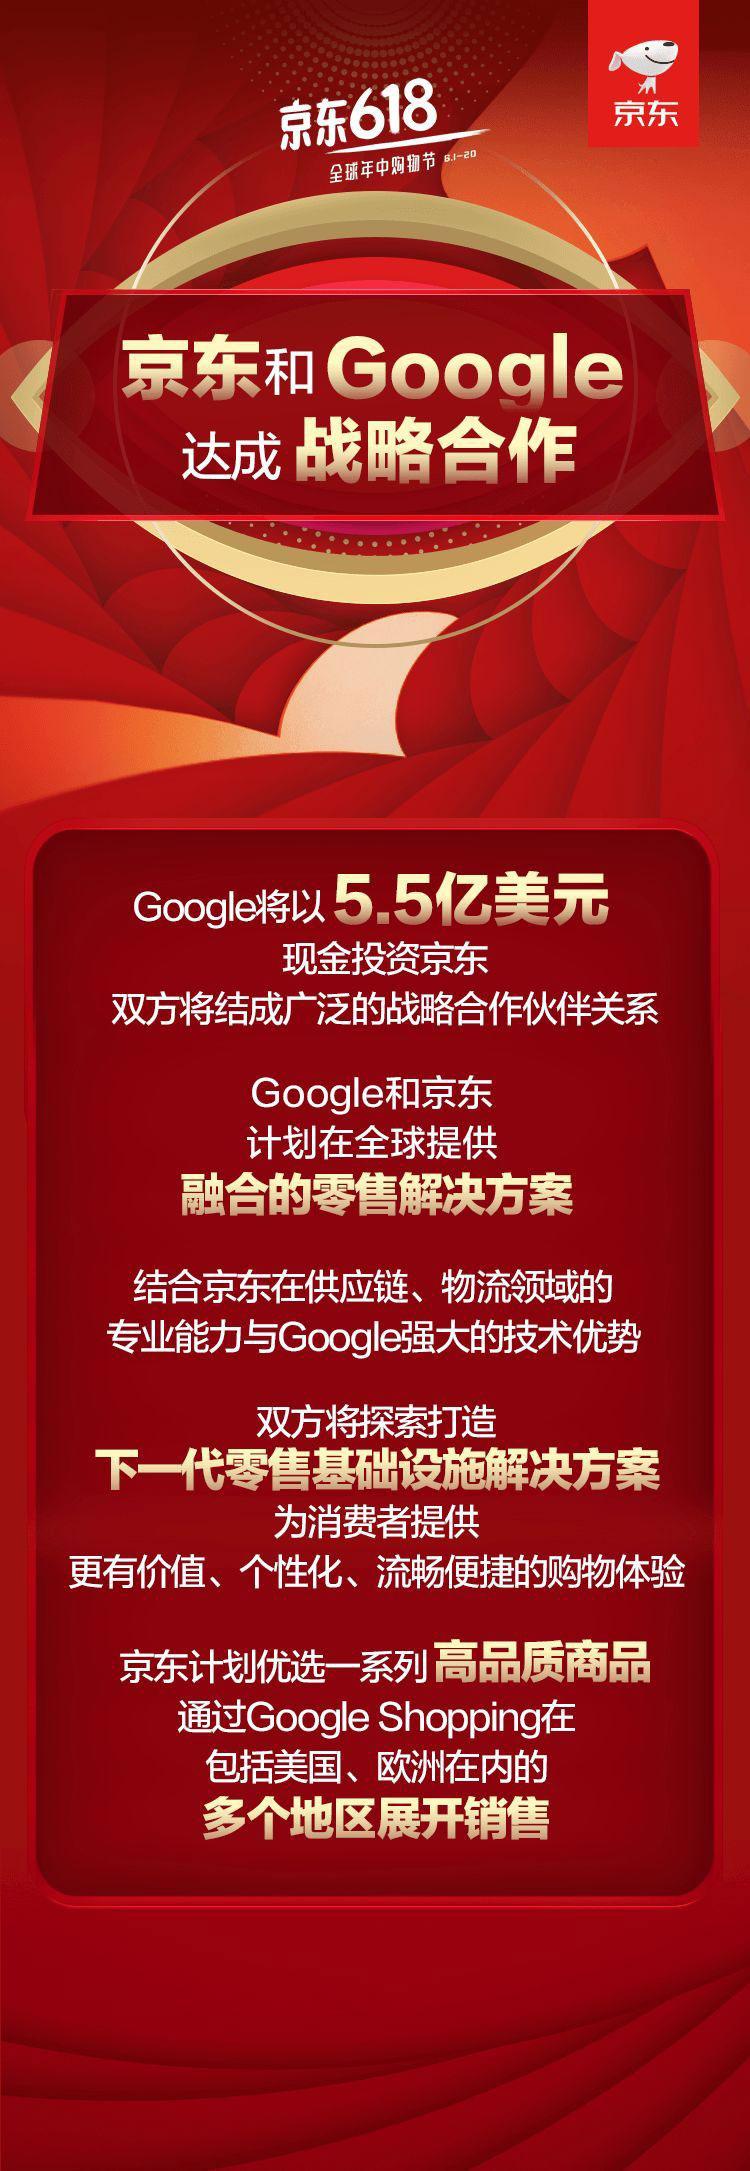 谷歌和京東